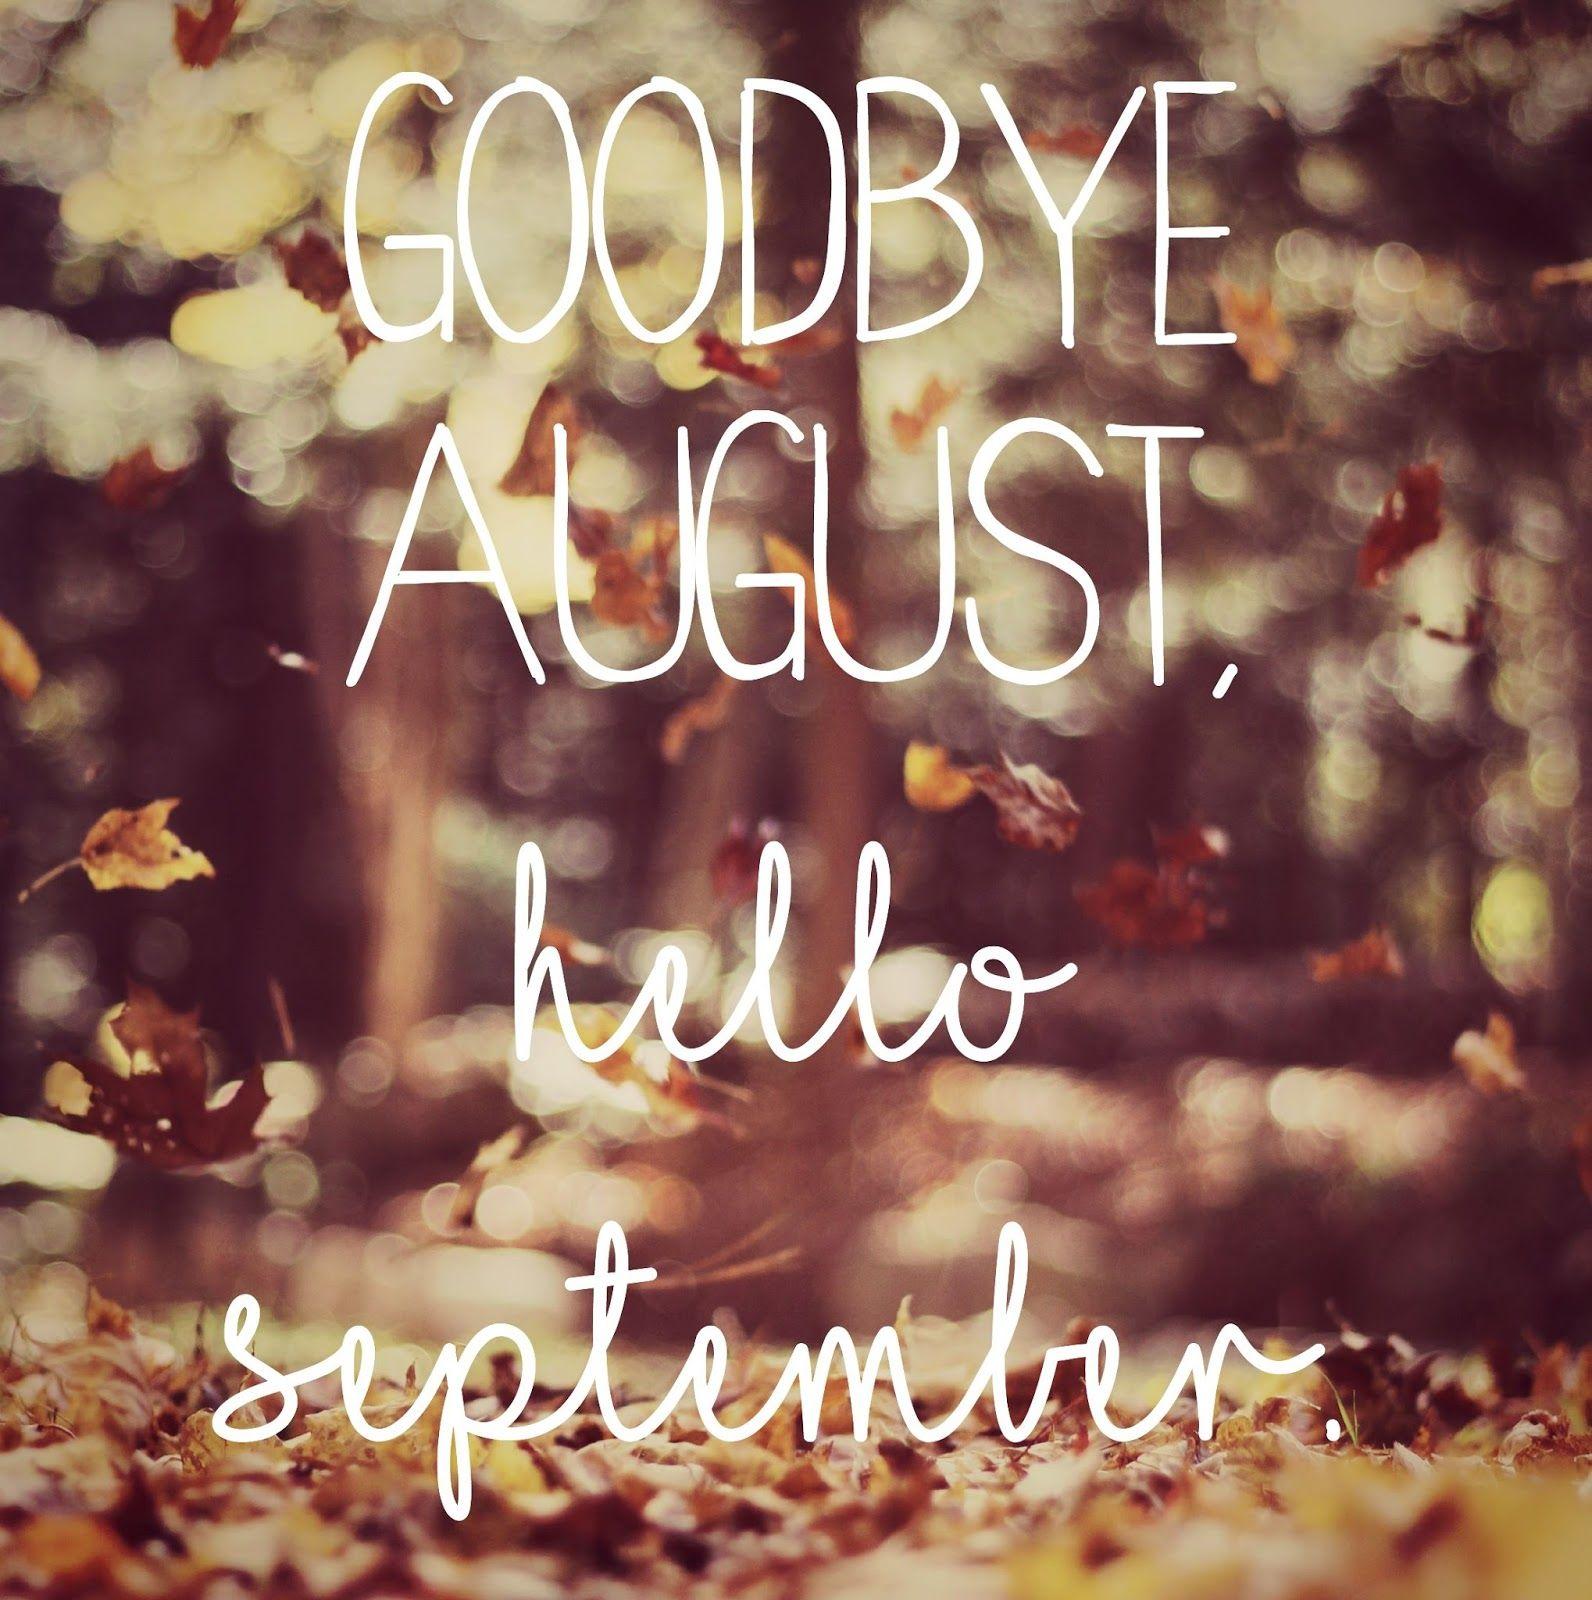 Goodbye August Hello September Design